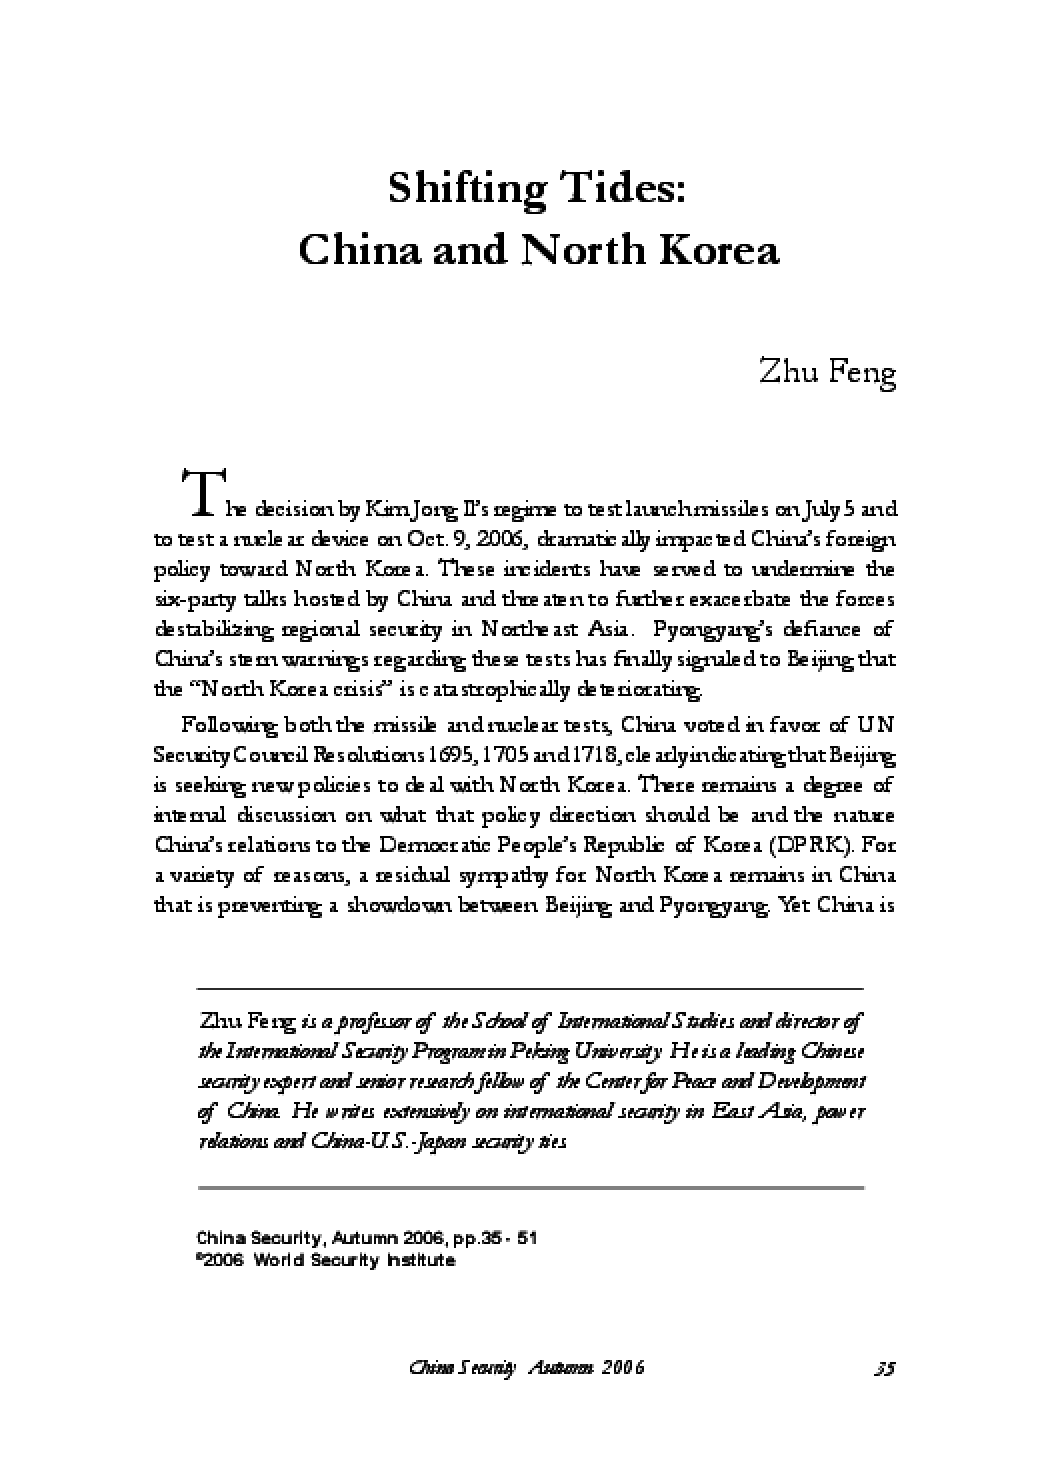 Shifting Tides: China and North Korea